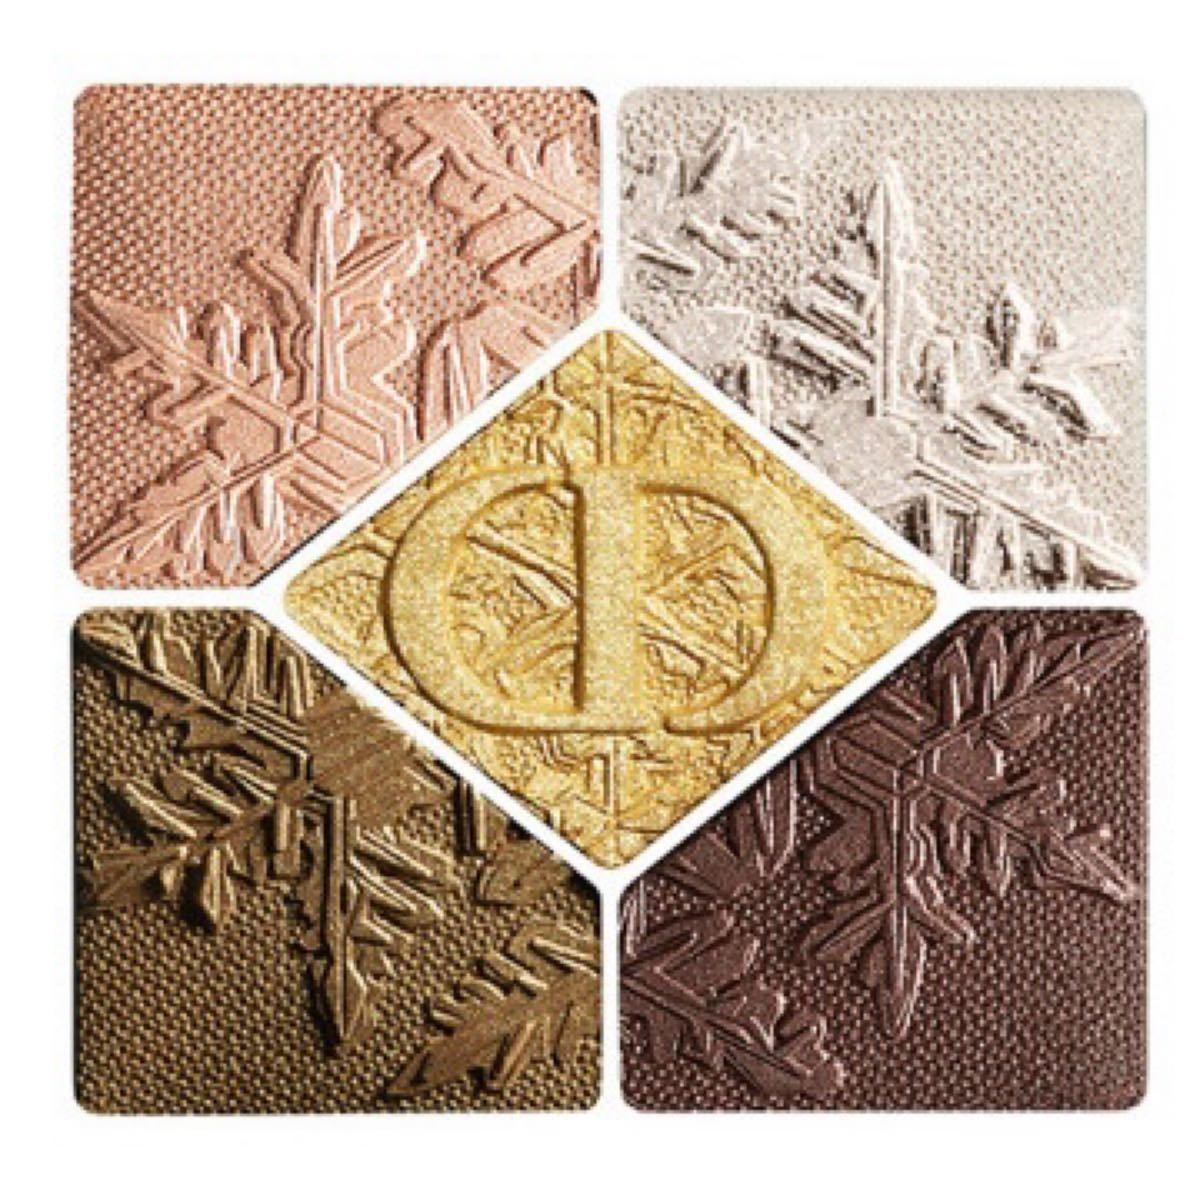 サンク クルール クチュール(クリスマス コレクション 2020限定品)Dior